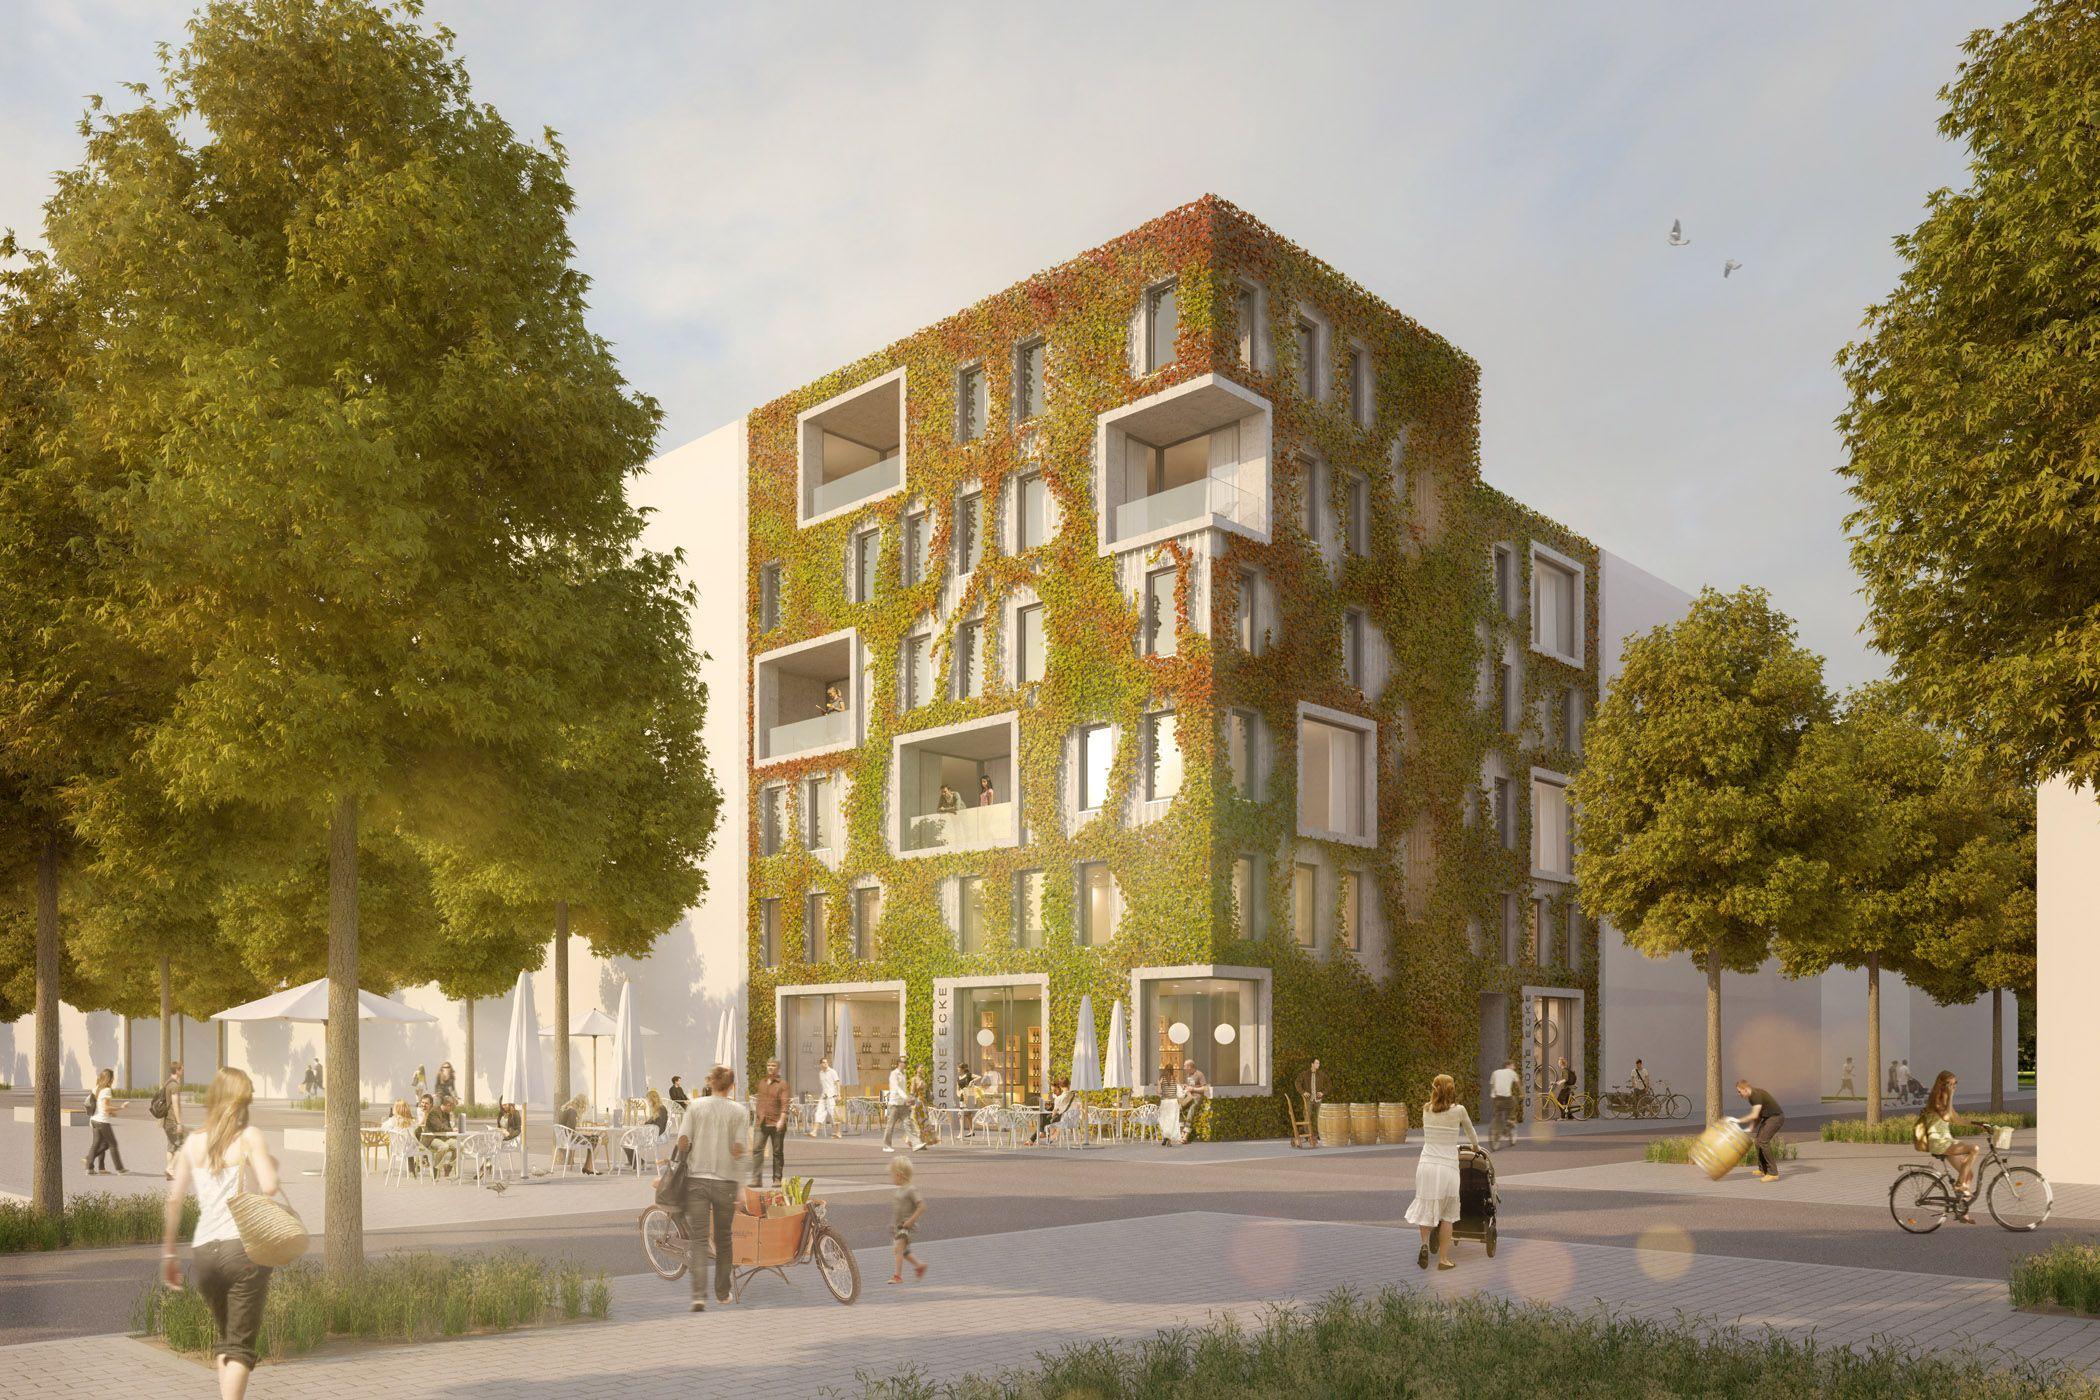 Architekturvisualisierung Stuttgart grüne ecke heilbronn raumlabor3 architekturvisualisierung aus